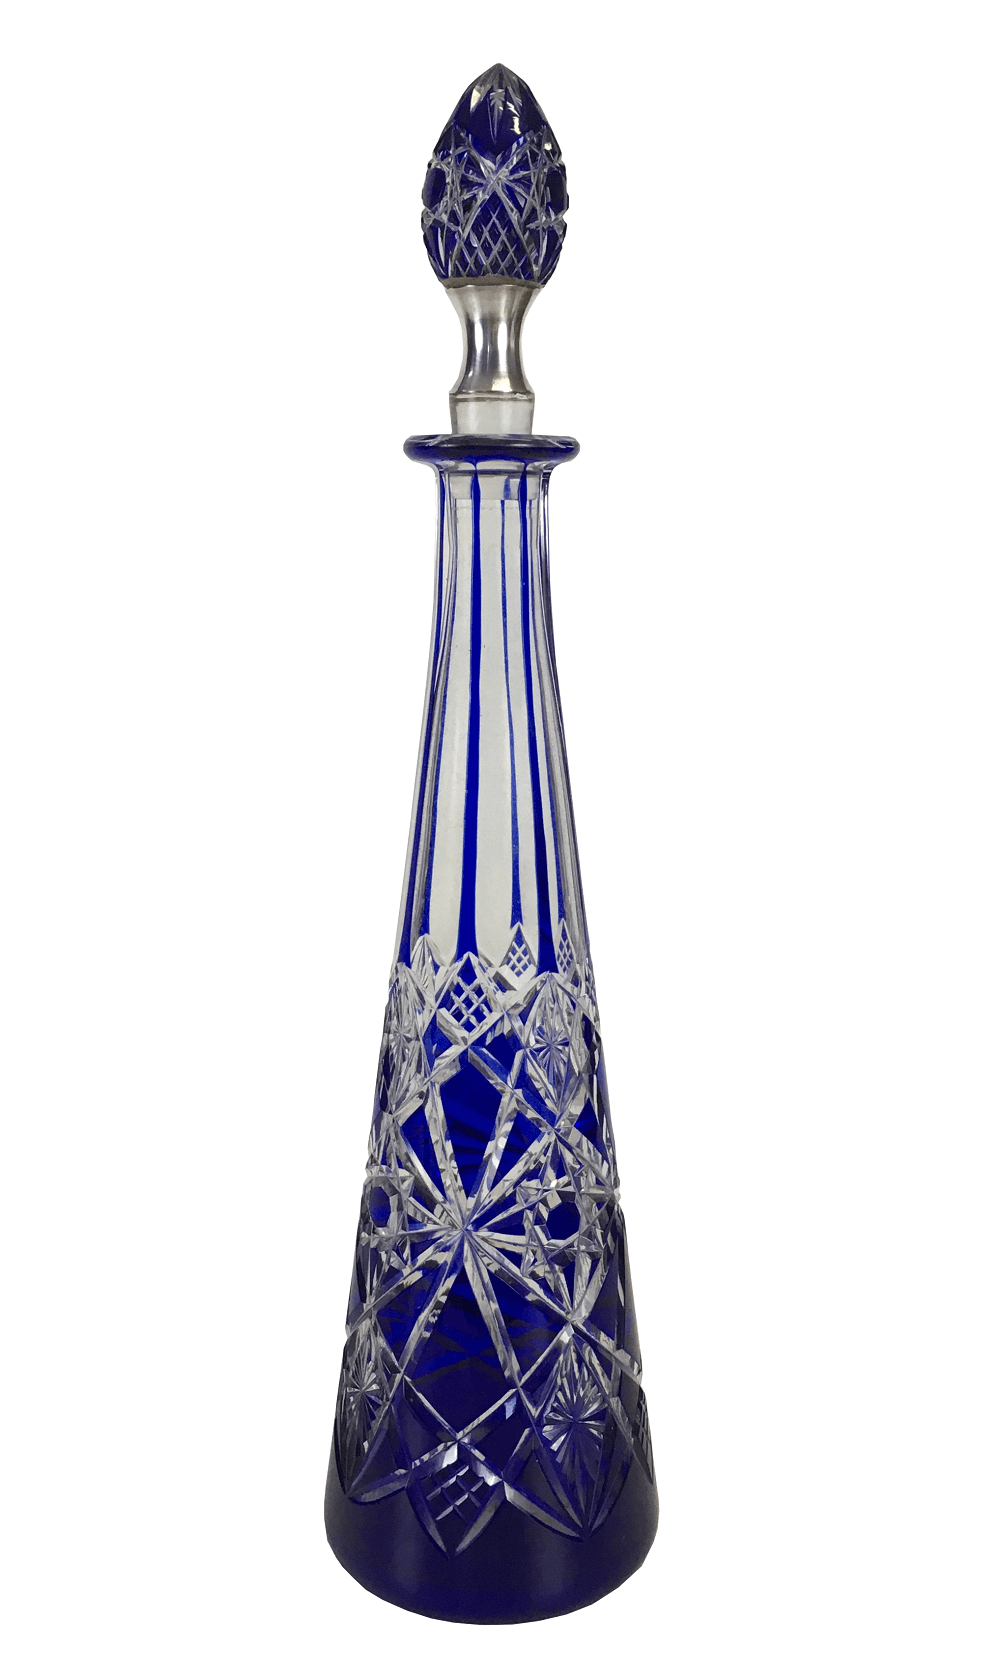 Antiga Garrafa Licoreira Cristal Baccarat Azul Detalhe Prata